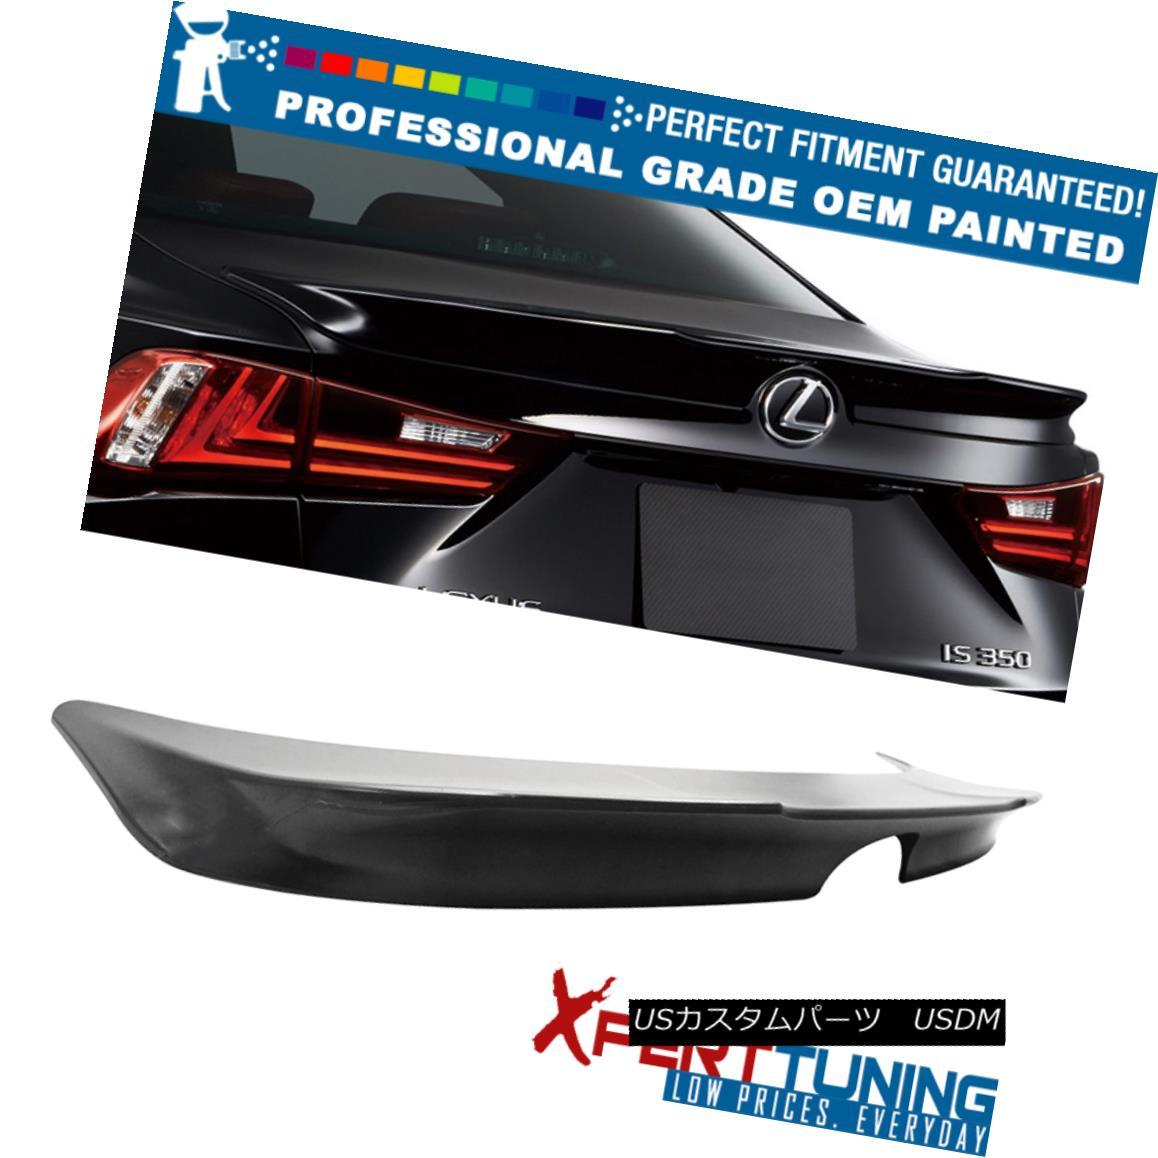 エアロパーツ Fit 14-16 Lexus IS250 F Sport Painted ABS Trunk Spoiler - OEM Painted Color フィット14-16レクサスIS250 Fスポーツ塗装ABSトランクスポイラー - OEM塗装色